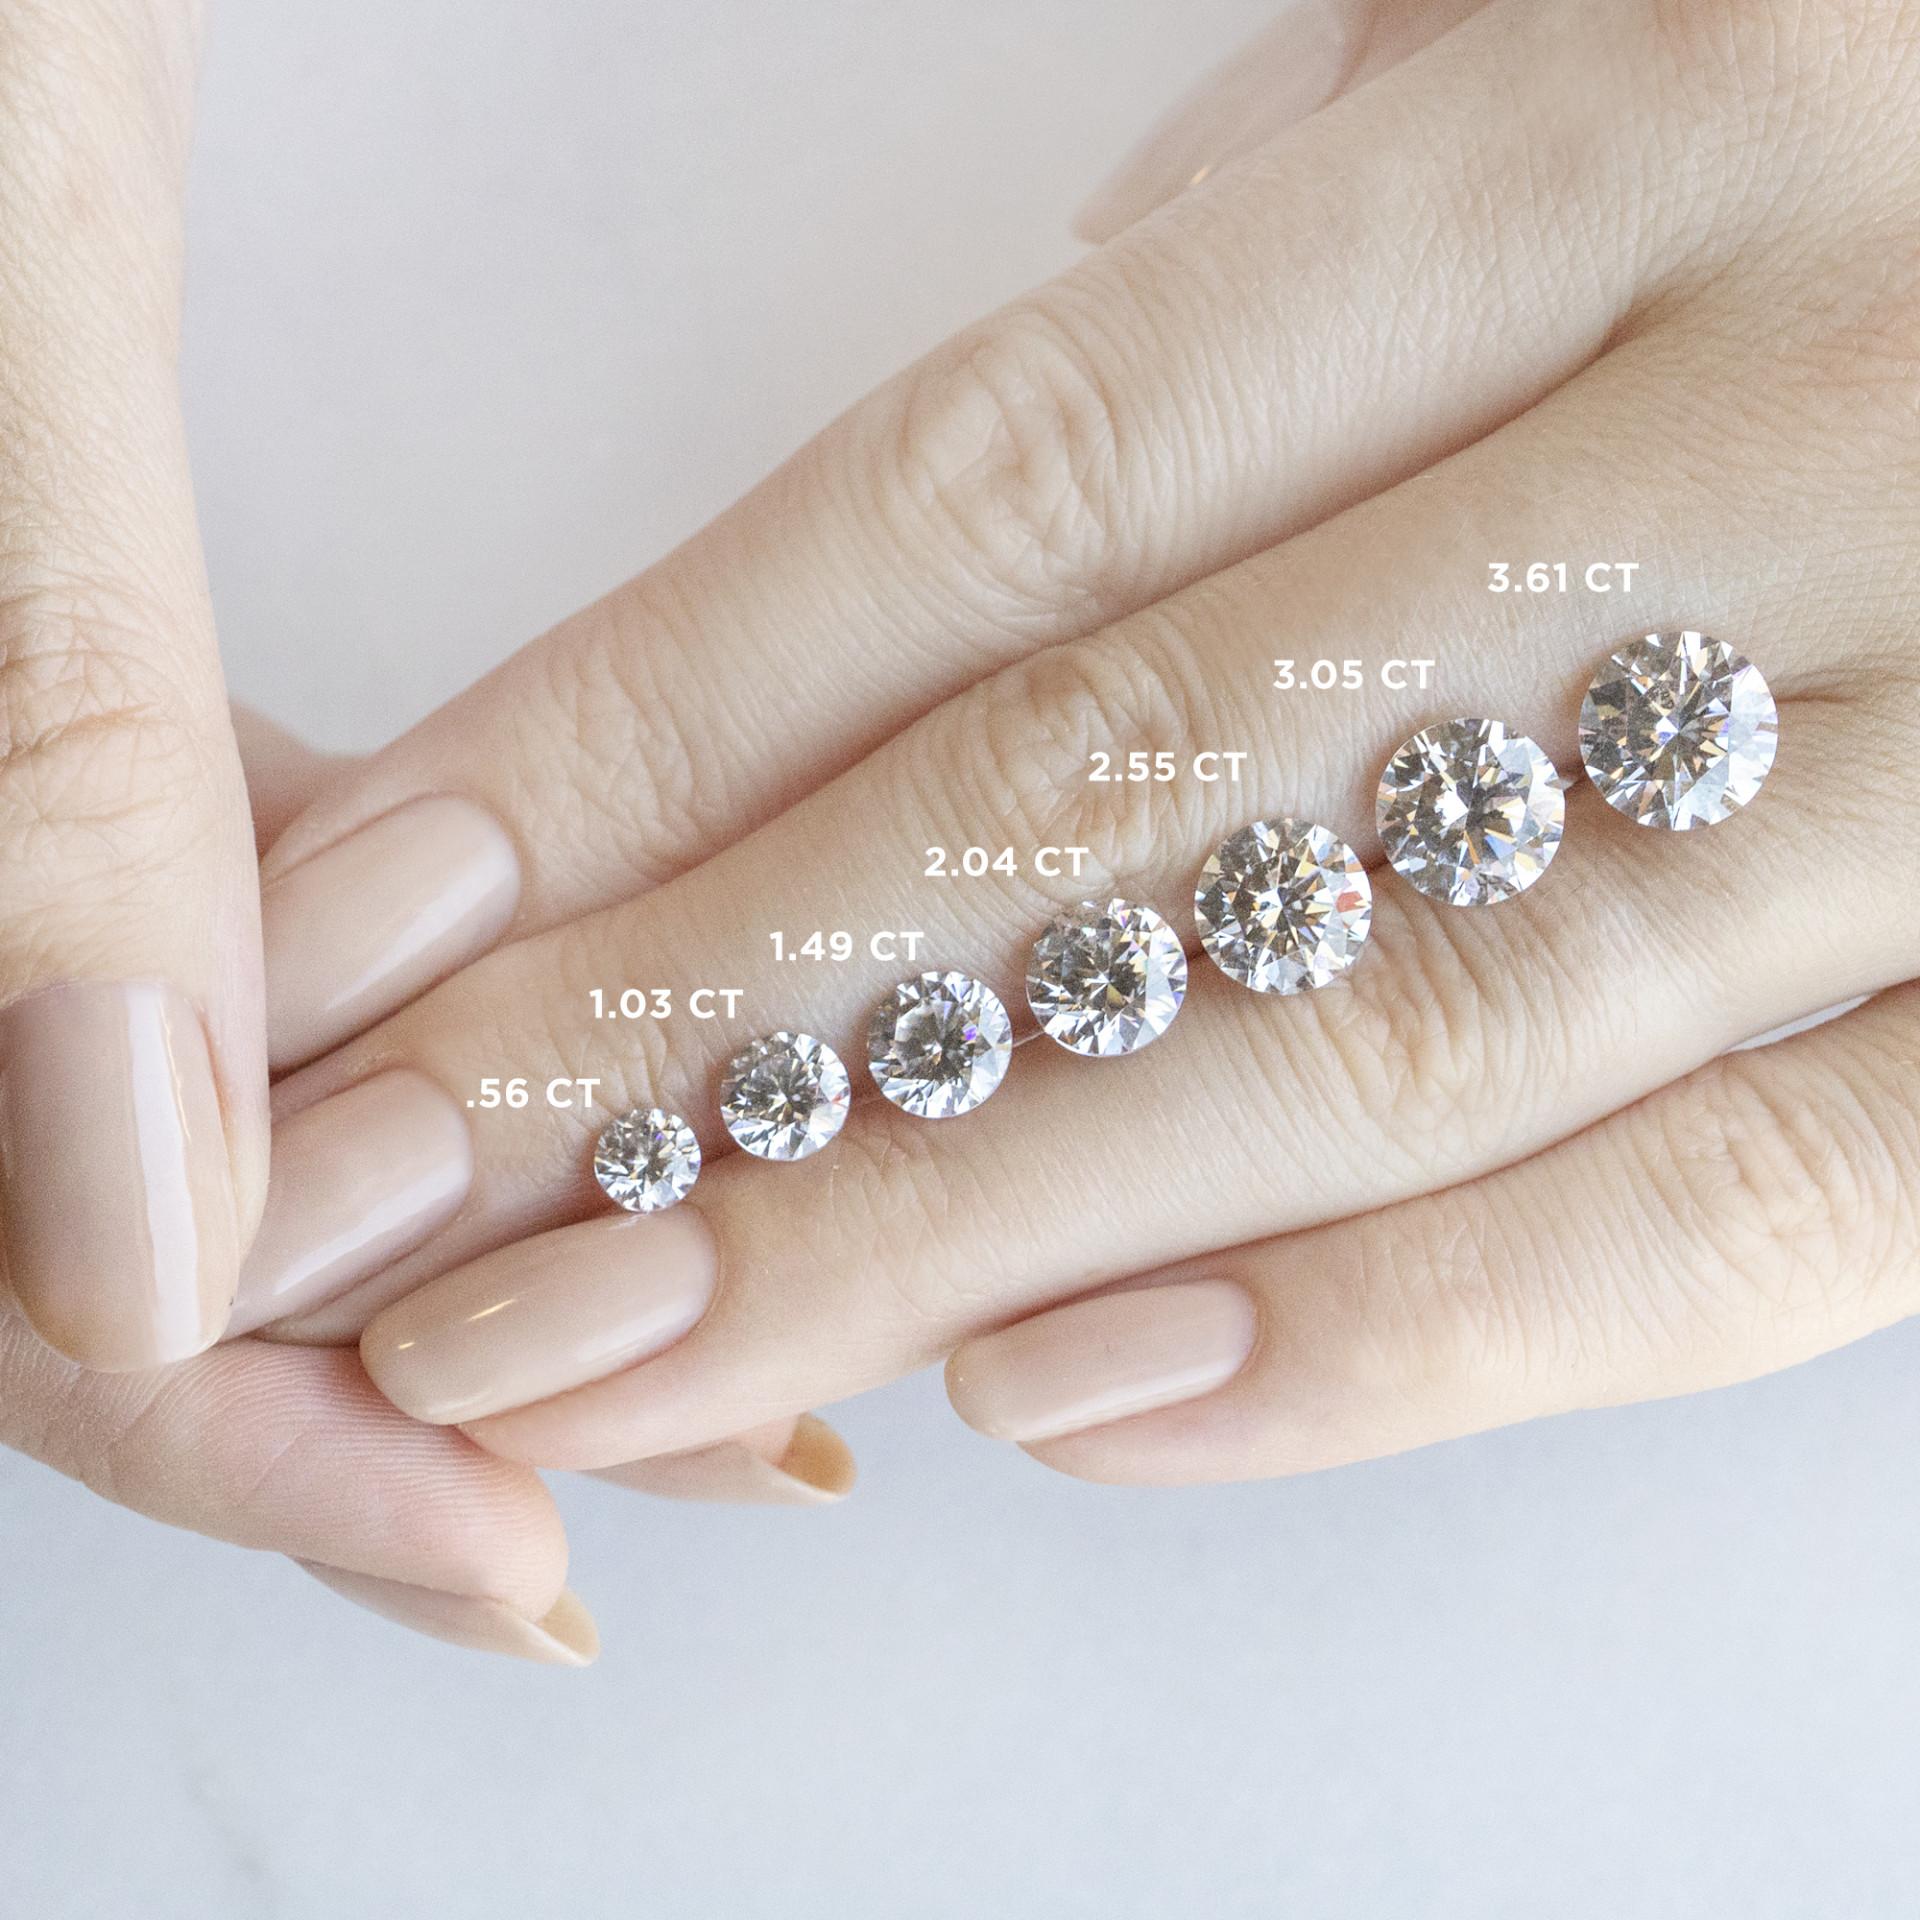 e1d0e5eb9c7 Diamond Diva Round Cut Engagement Ring